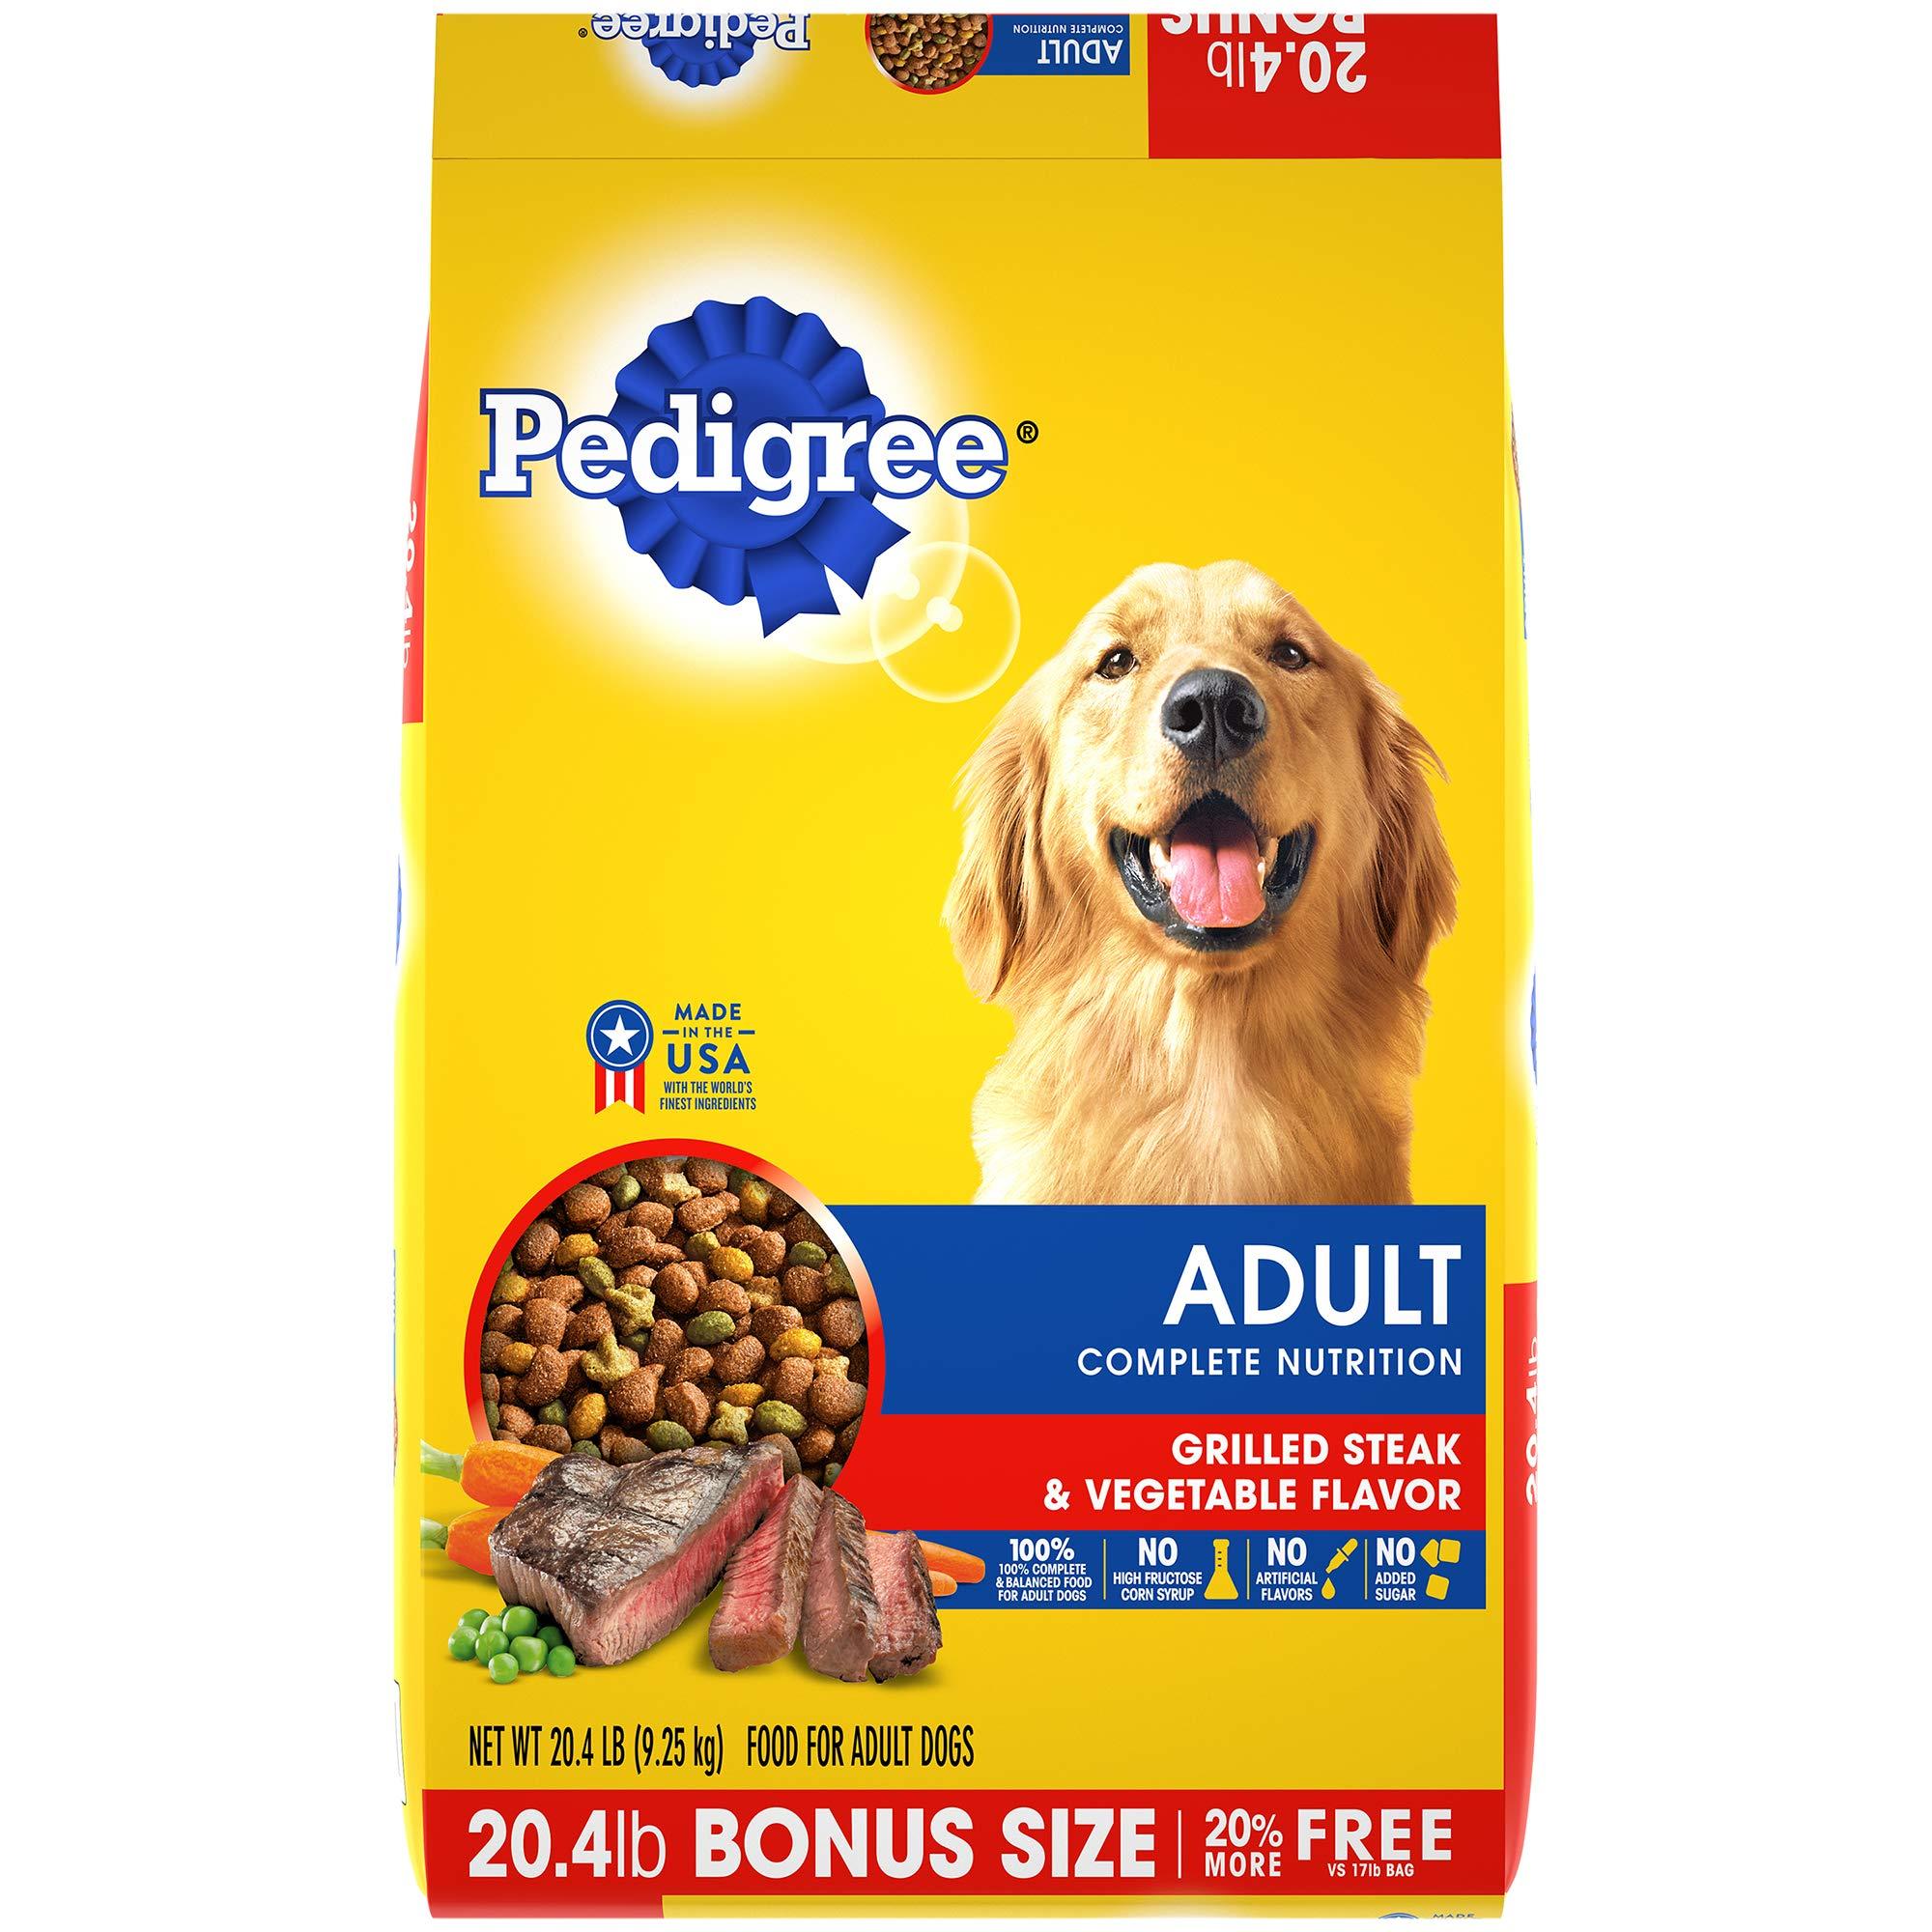 Pedigree Complete Nutrition Adult Dry Dog Food Grilled Steak & Vegetable Flavor, 20.4 Lb. Bag